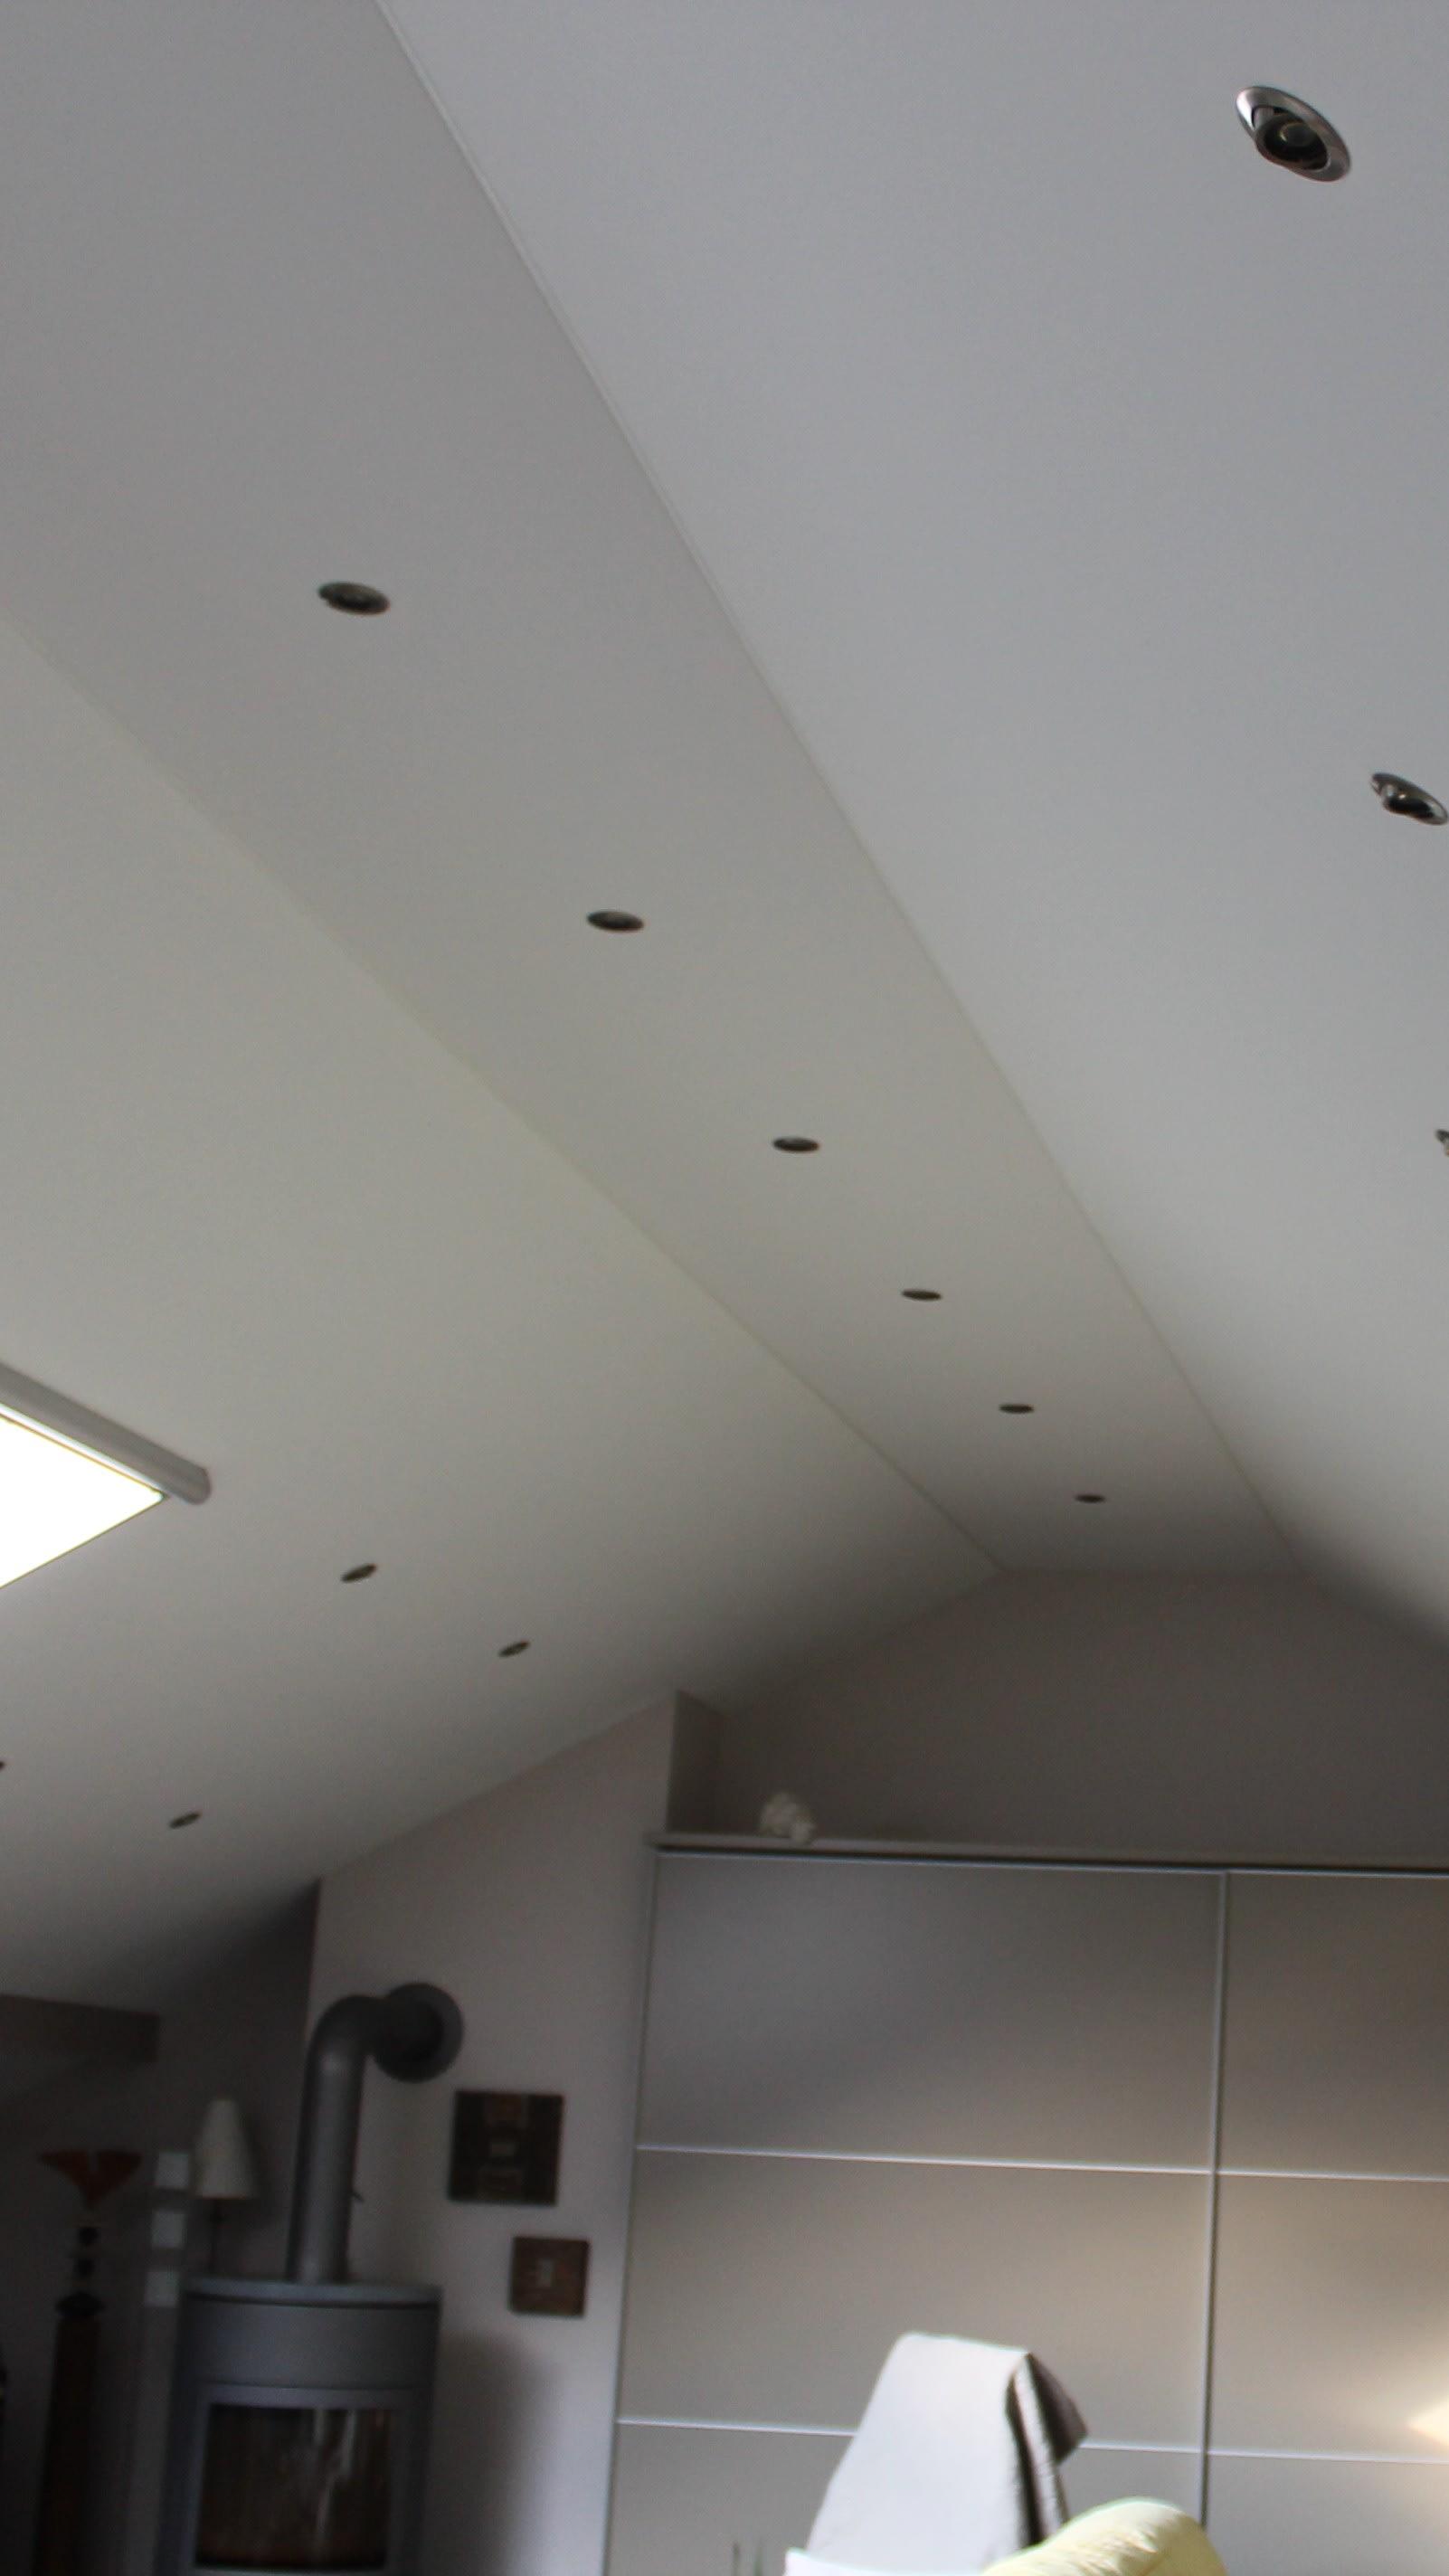 Spanndecke im Büro mit vielen Lampen